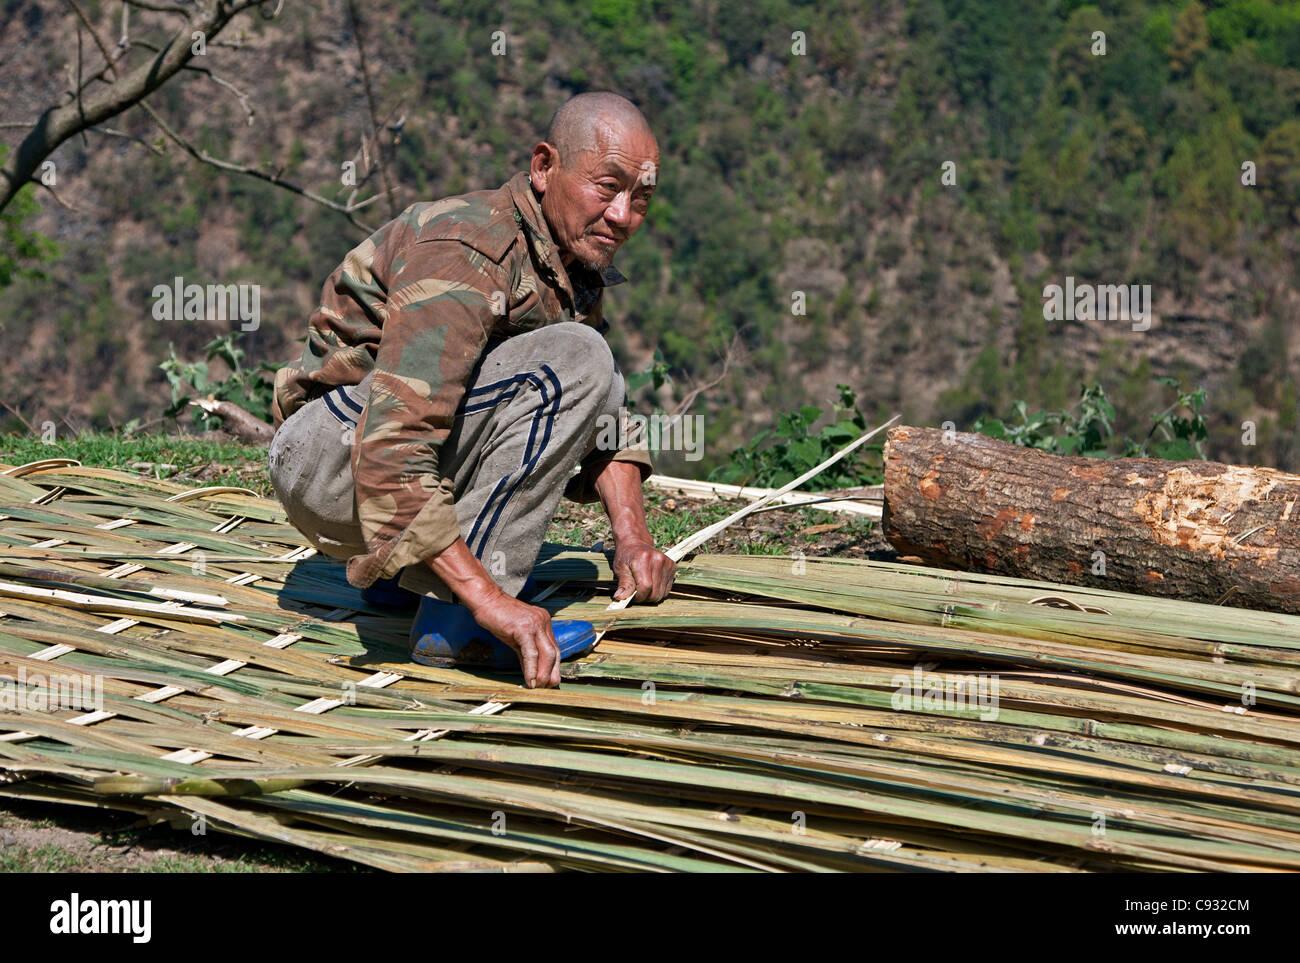 Un hombre hace pantallas para los bancales y los techos de las casas o para cercas de bambú hendido. Imagen De Stock